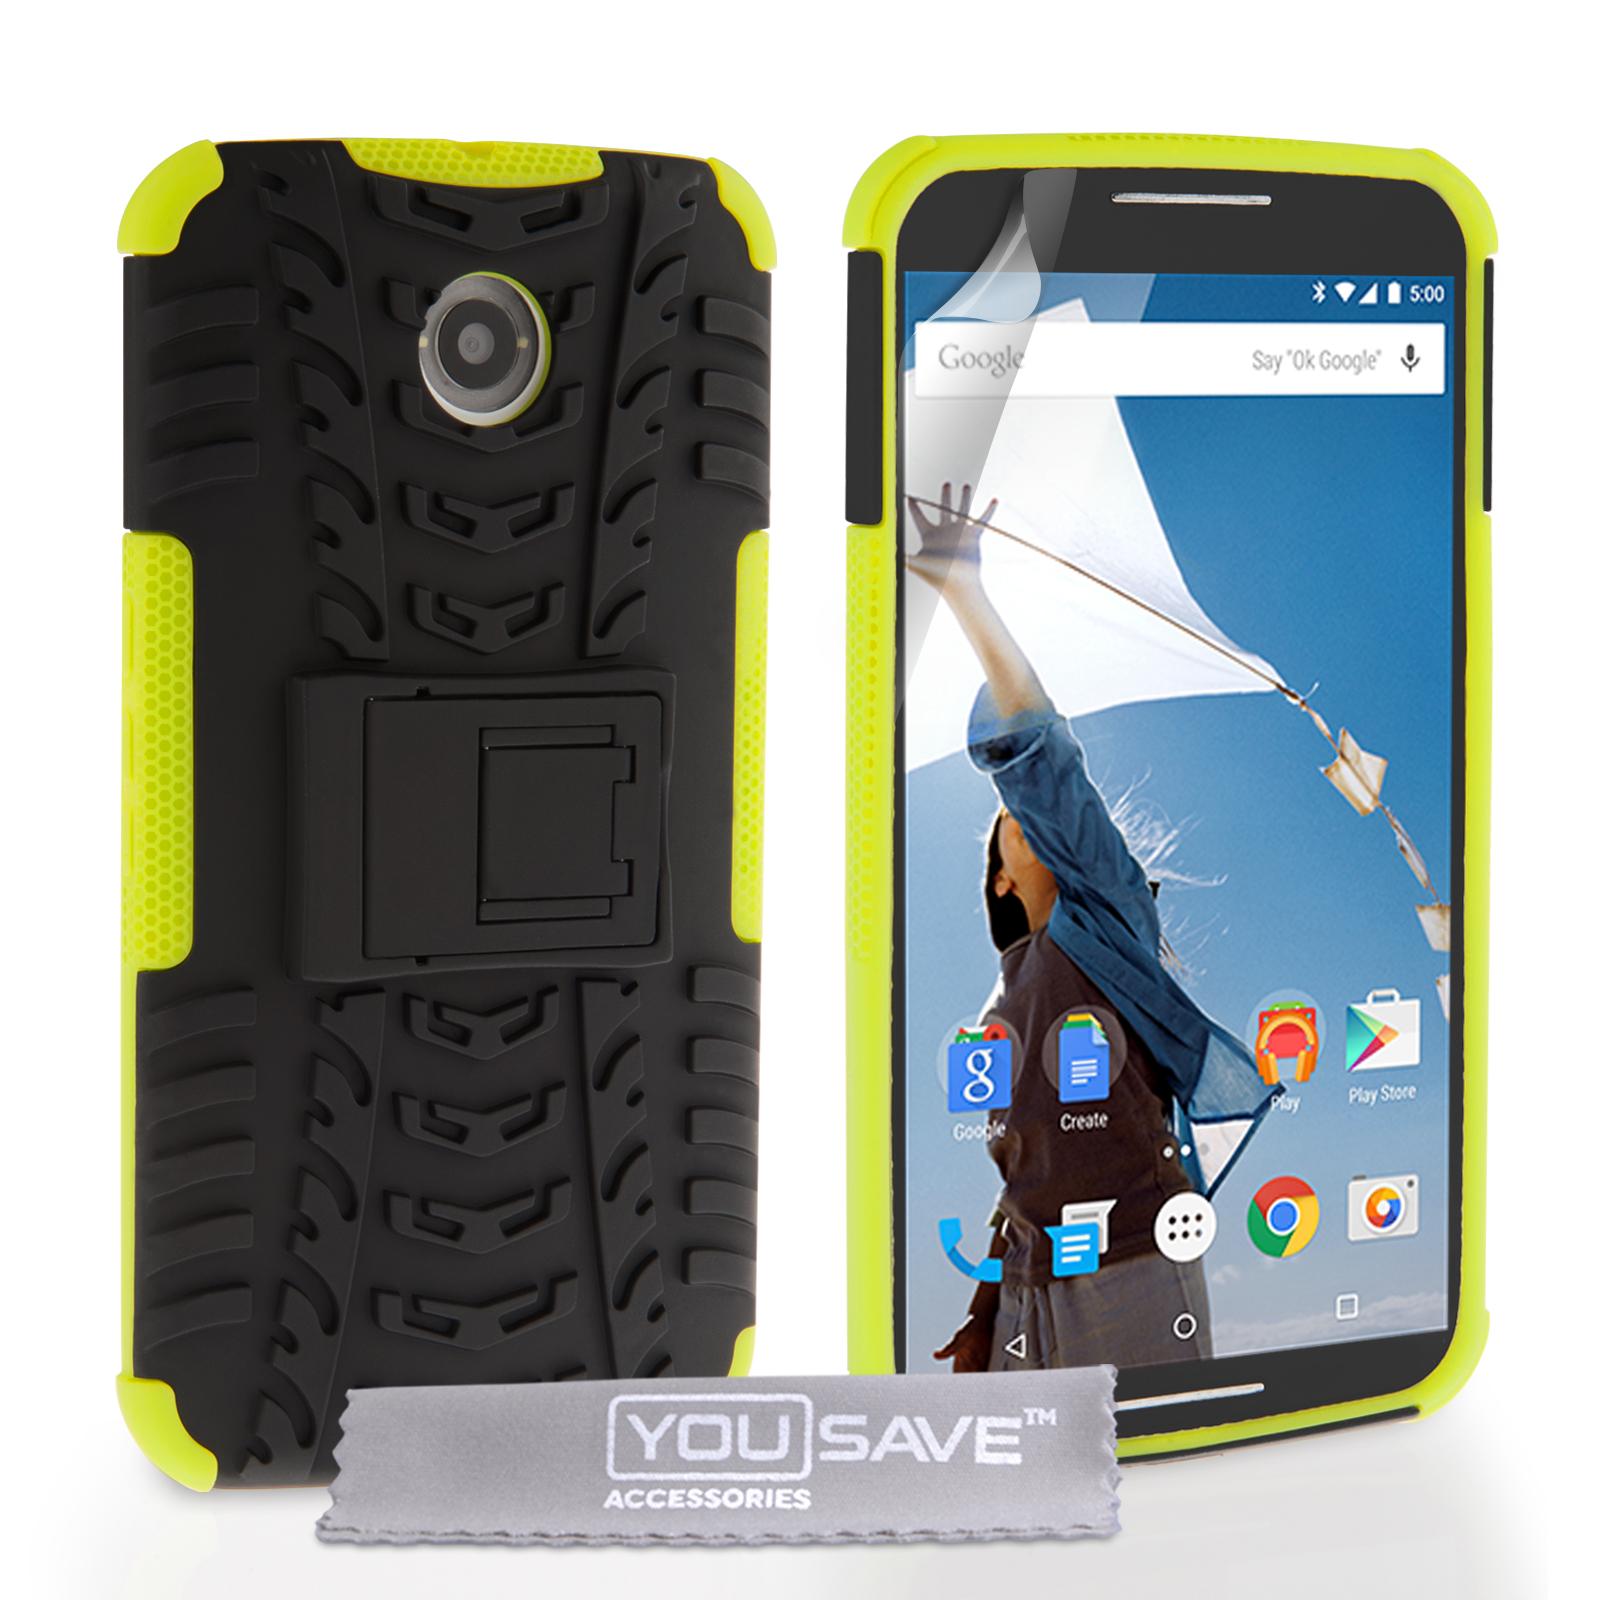 Ανθεκτική Θήκη Motorola Nexus 6 by YouSave - Black / Green (Z453)